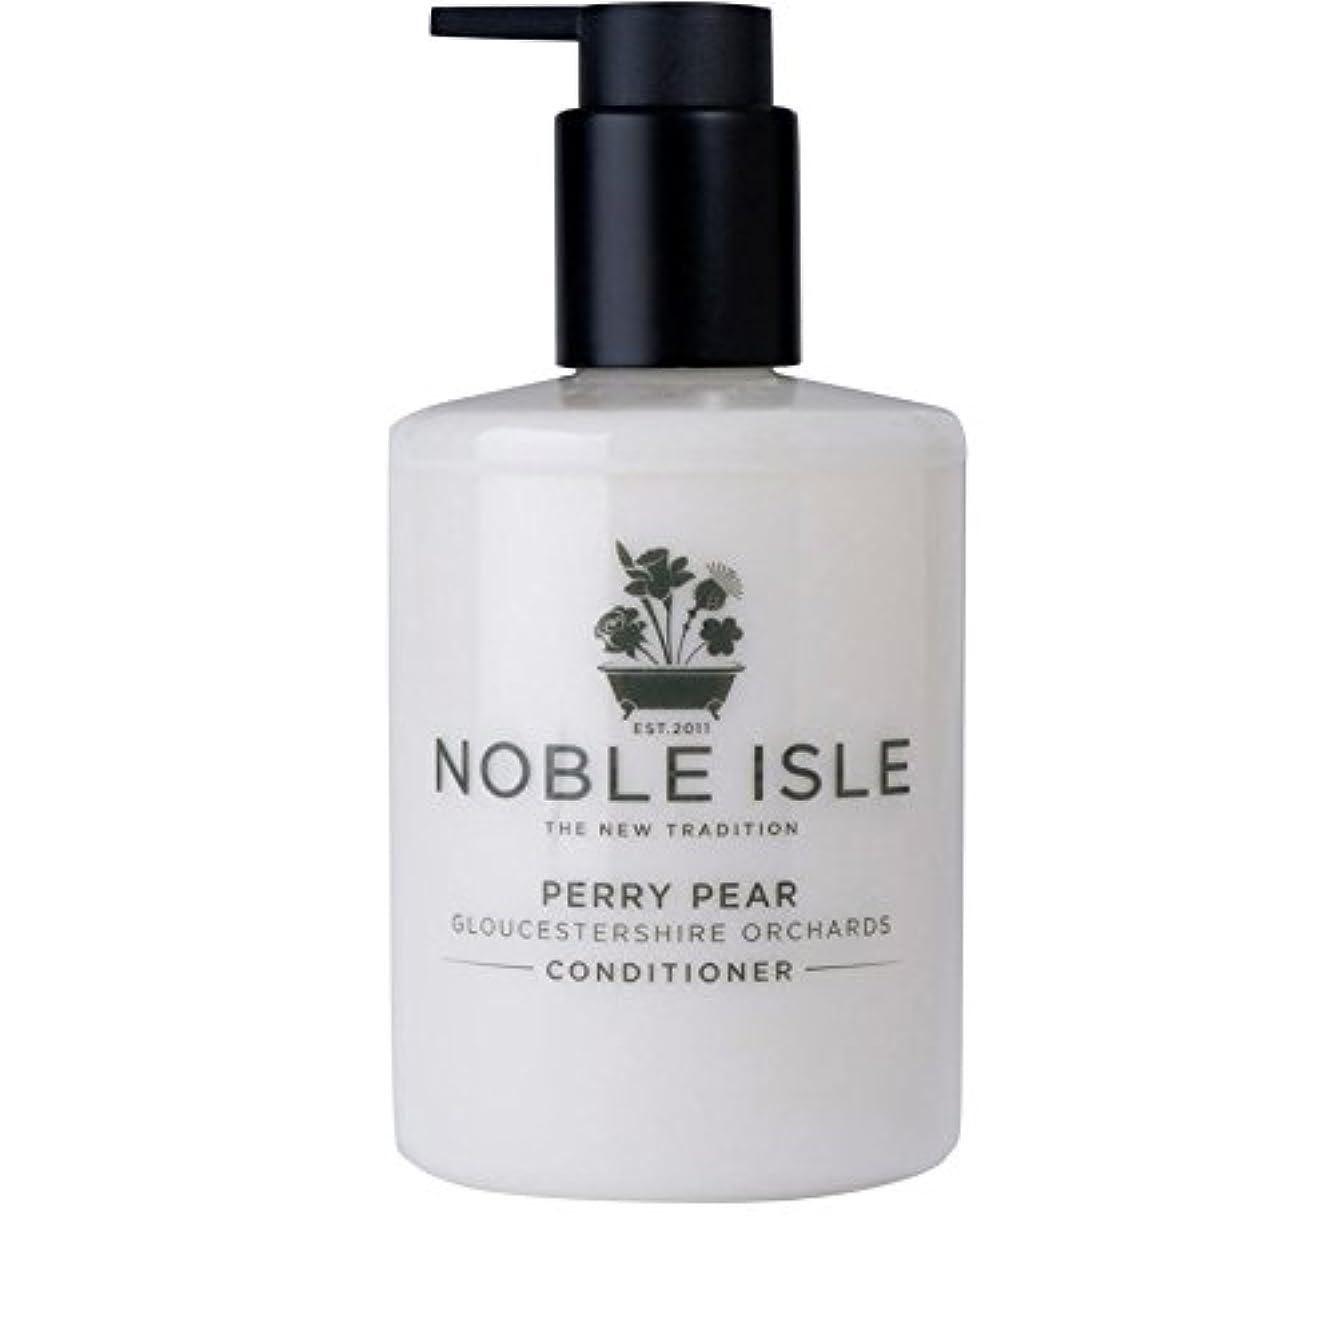 中で生理部屋を掃除する高貴な島ペリー梨グロスターシャー州の果樹園コンディショナー250ミリリットル x2 - Noble Isle Perry Pear Gloucestershire Orchards Conditioner 250ml (...